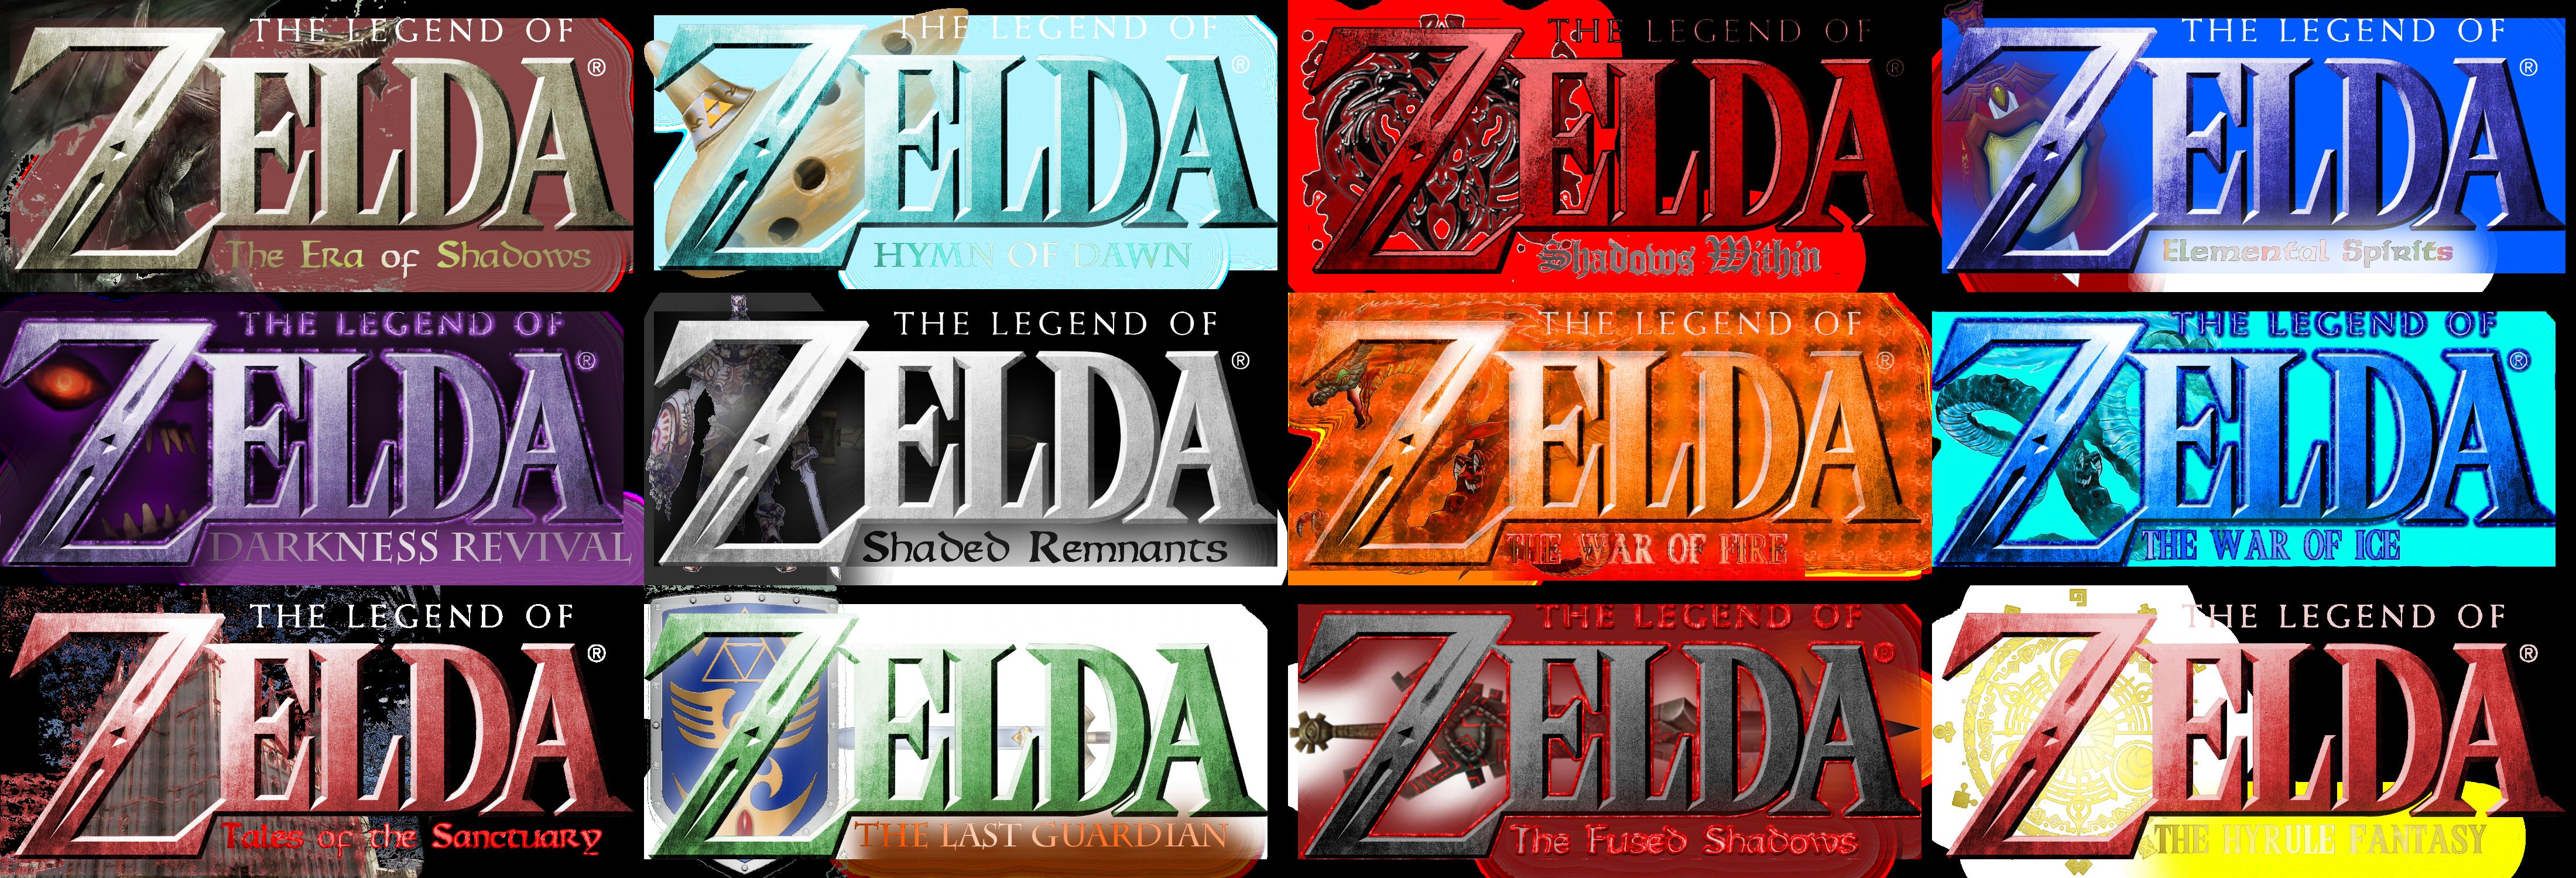 Twelve Legend of Zelda Fan Logos List 2 by Jar3D226 on DeviantArt